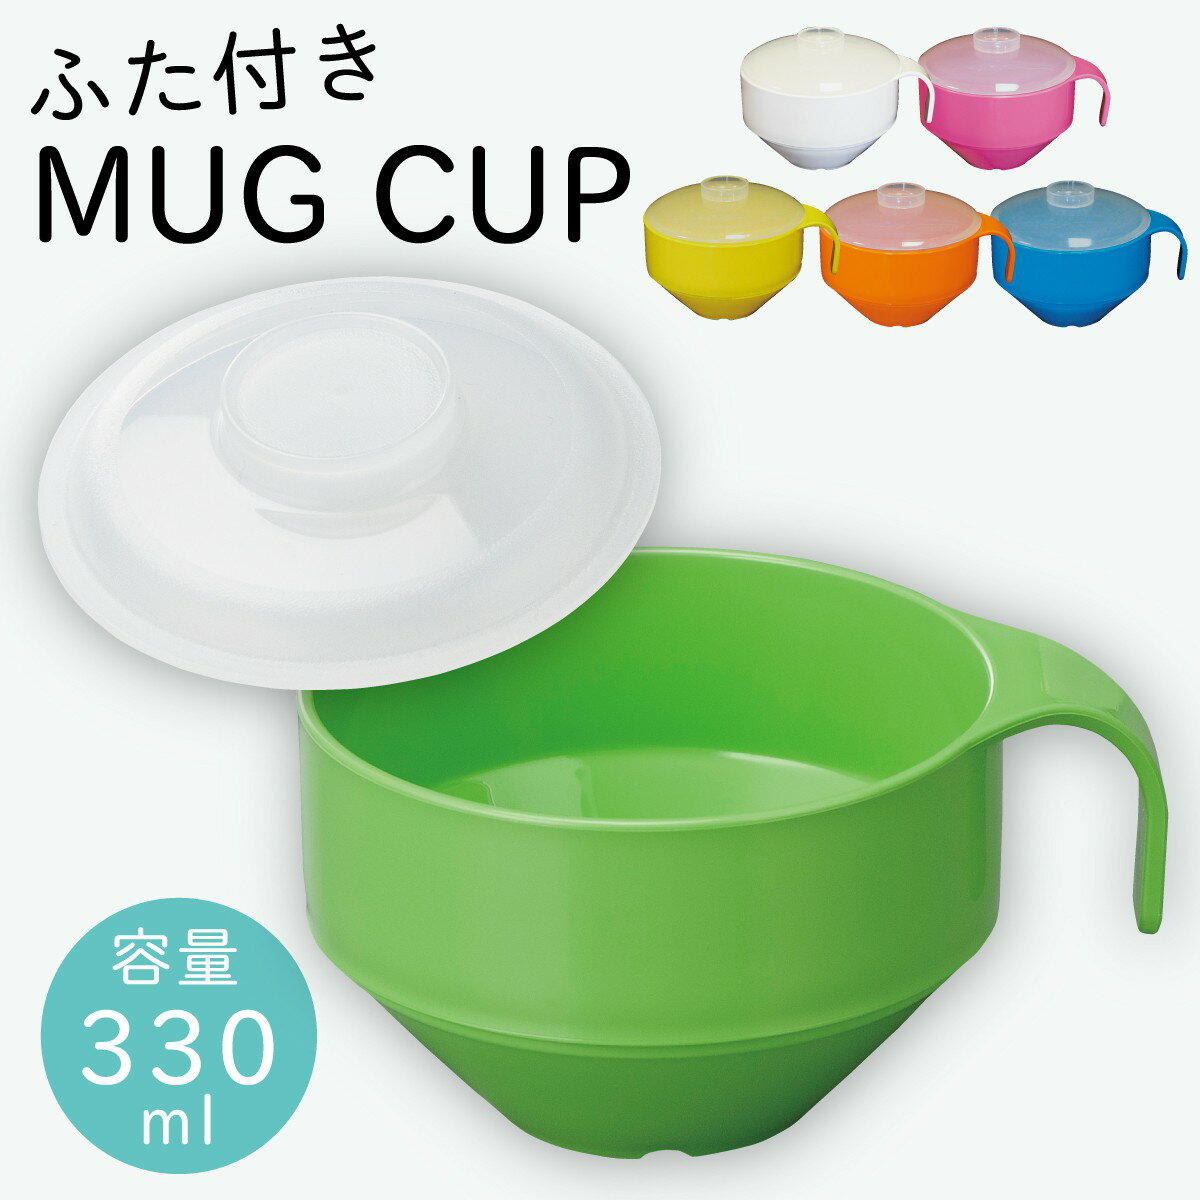 マグカップ スープカップ スタッキング 電子レンジ対応 プラスチック 蓋カラー マグカップ ふた付き 蓋付き フタ付き カラーマグ蓋セット アウトドア キャンプ ピクニック おしゃれ 人気